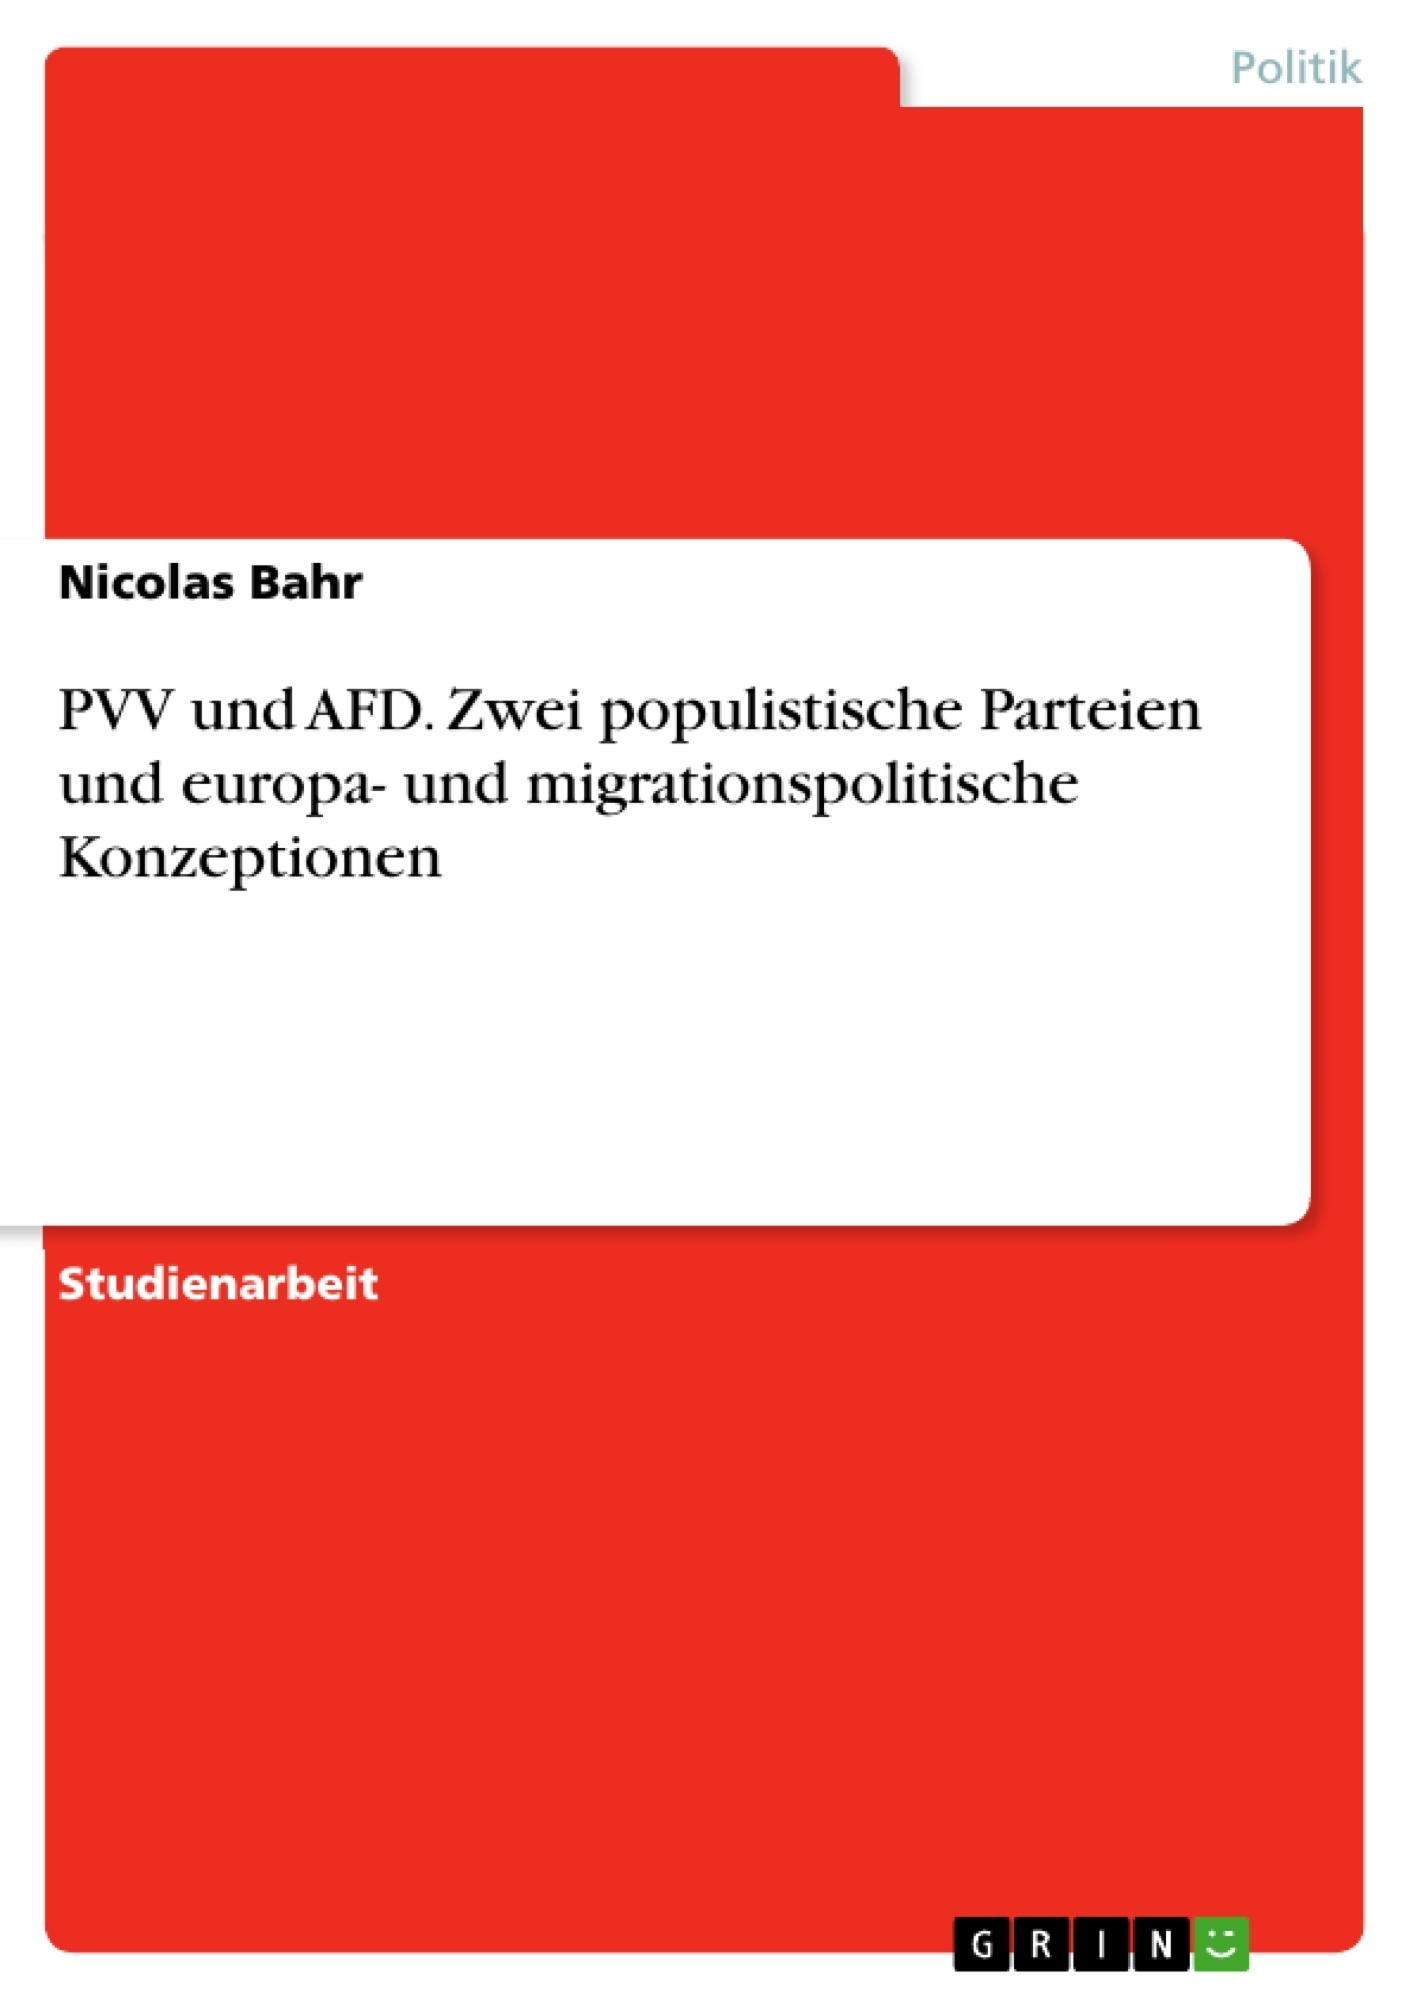 Titel: PVV und AFD. Zwei populistische Parteien und europa- und migrationspolitische Konzeptionen